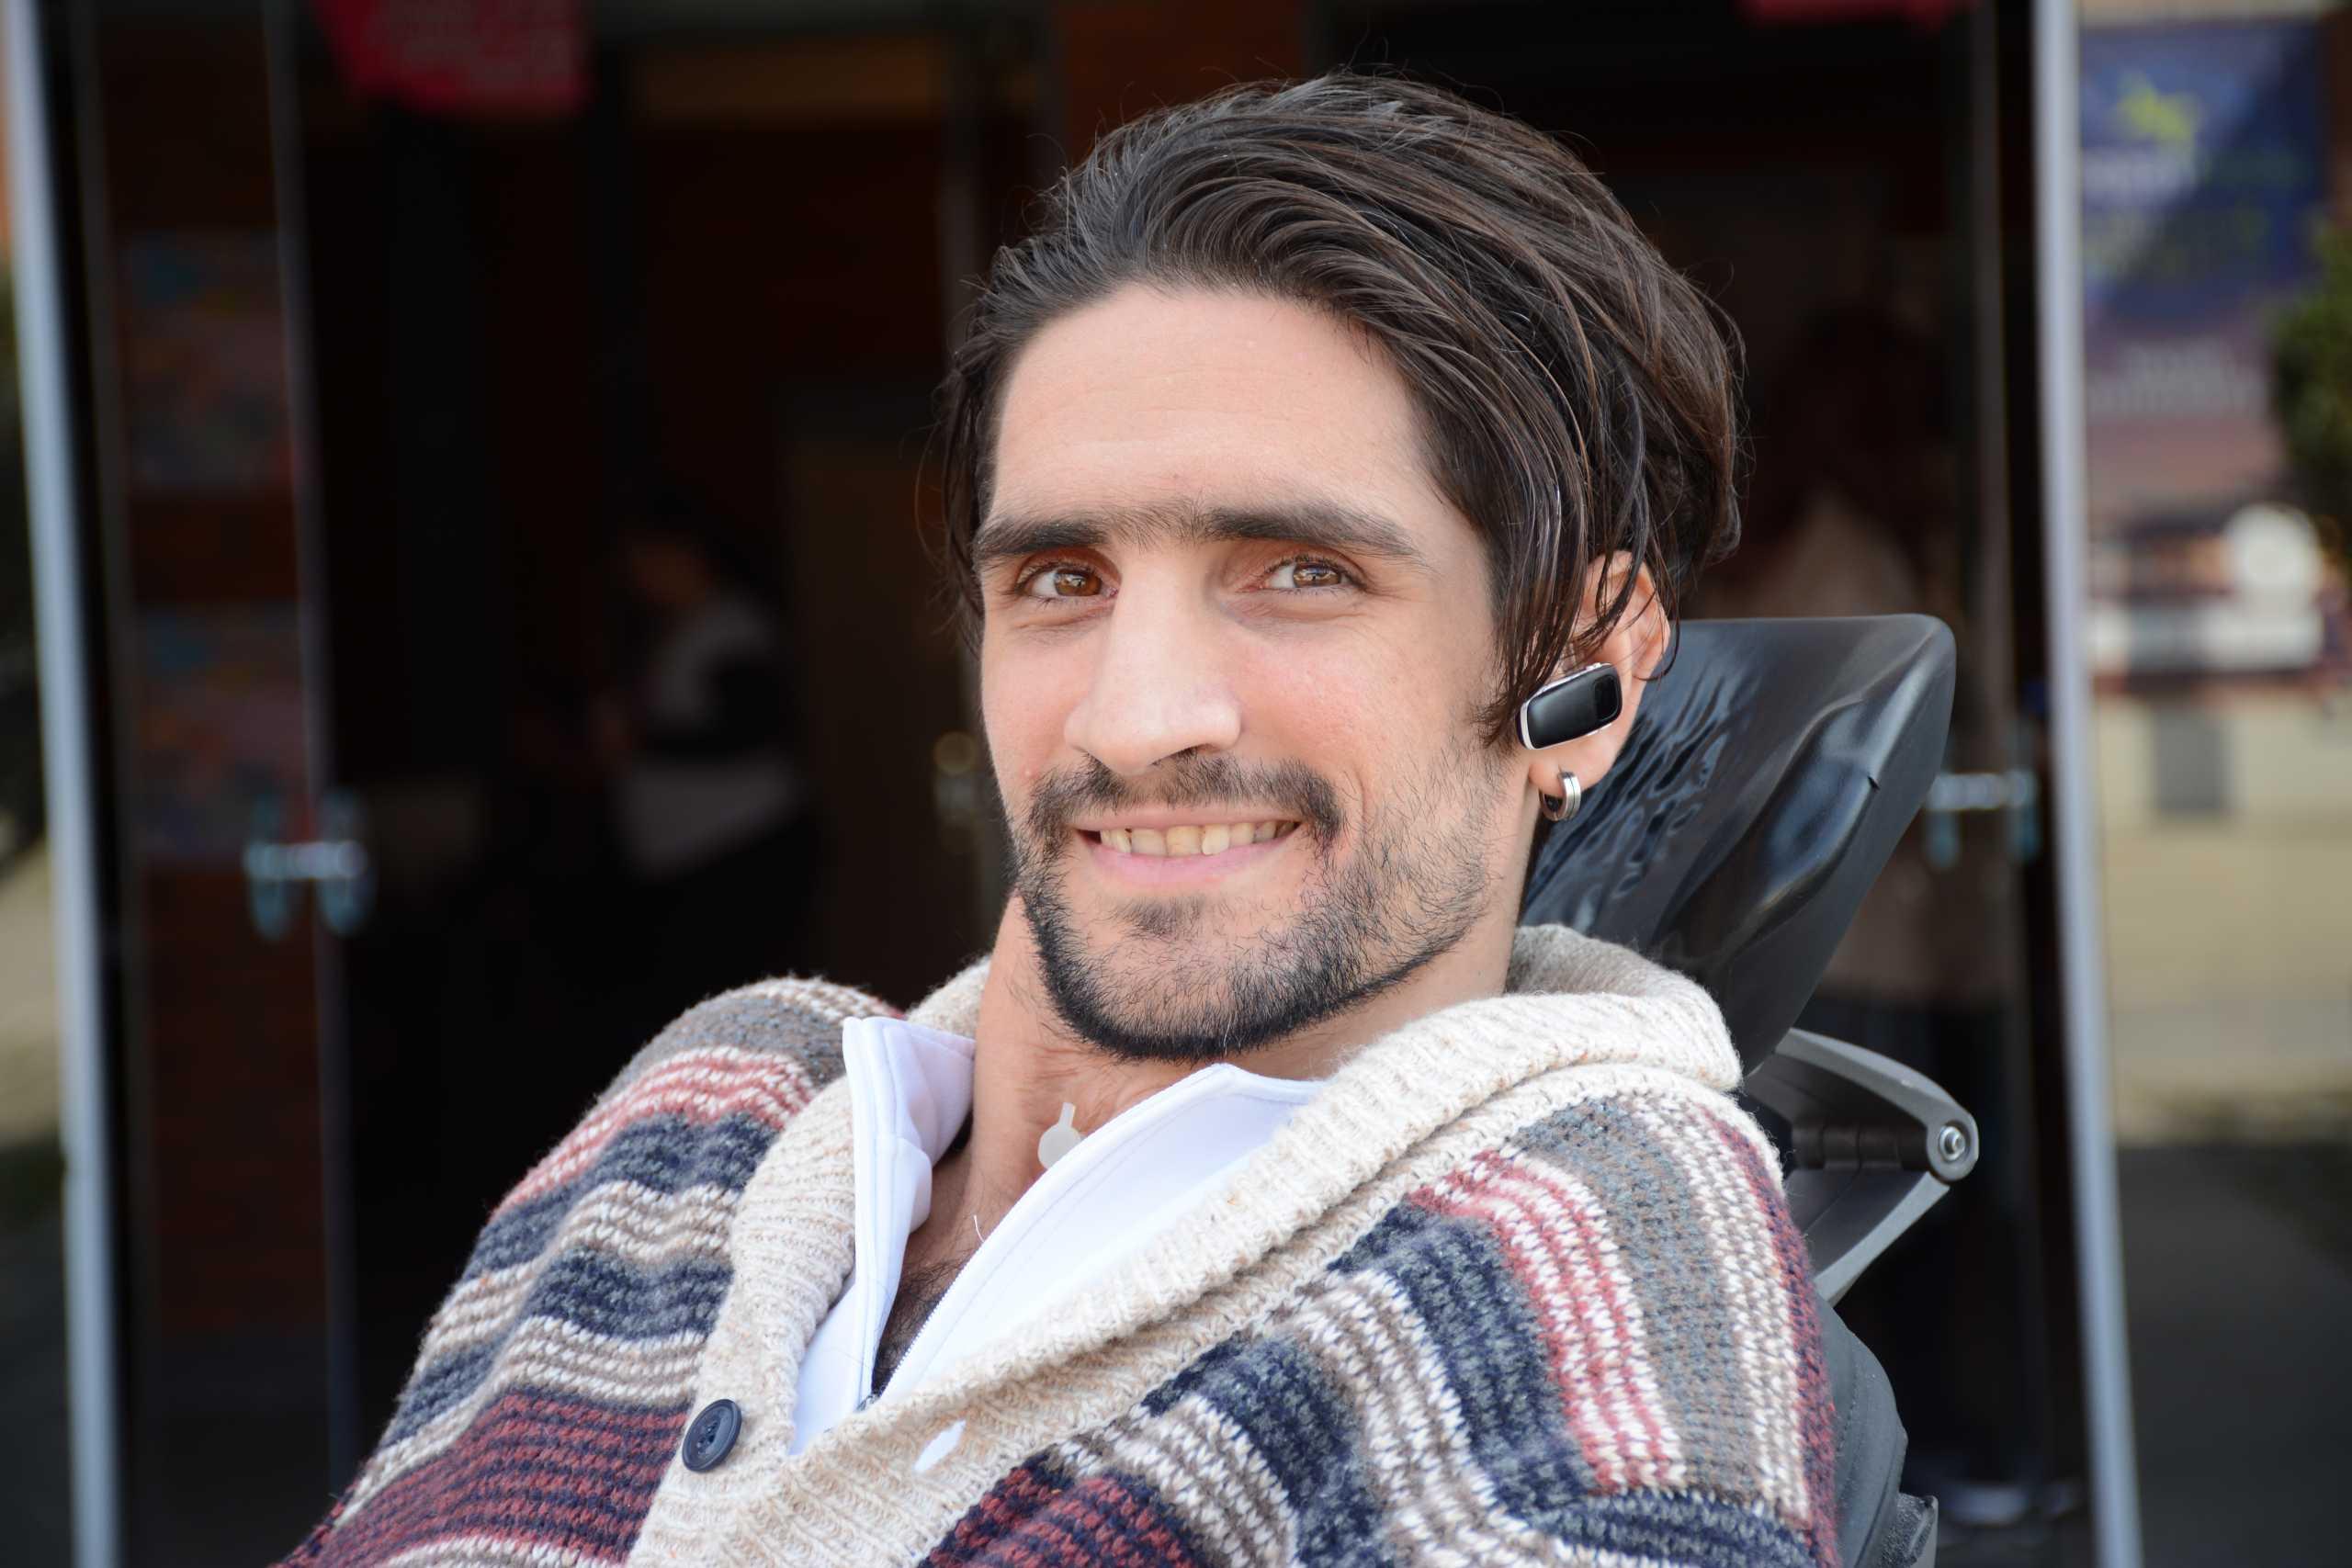 Δημήτρης Αντωνίου: Δείτε πως είναι σήμερα το παιδί που έμεινε ανάπηρο όταν παρασύρθηκε από αυτοκίνητο